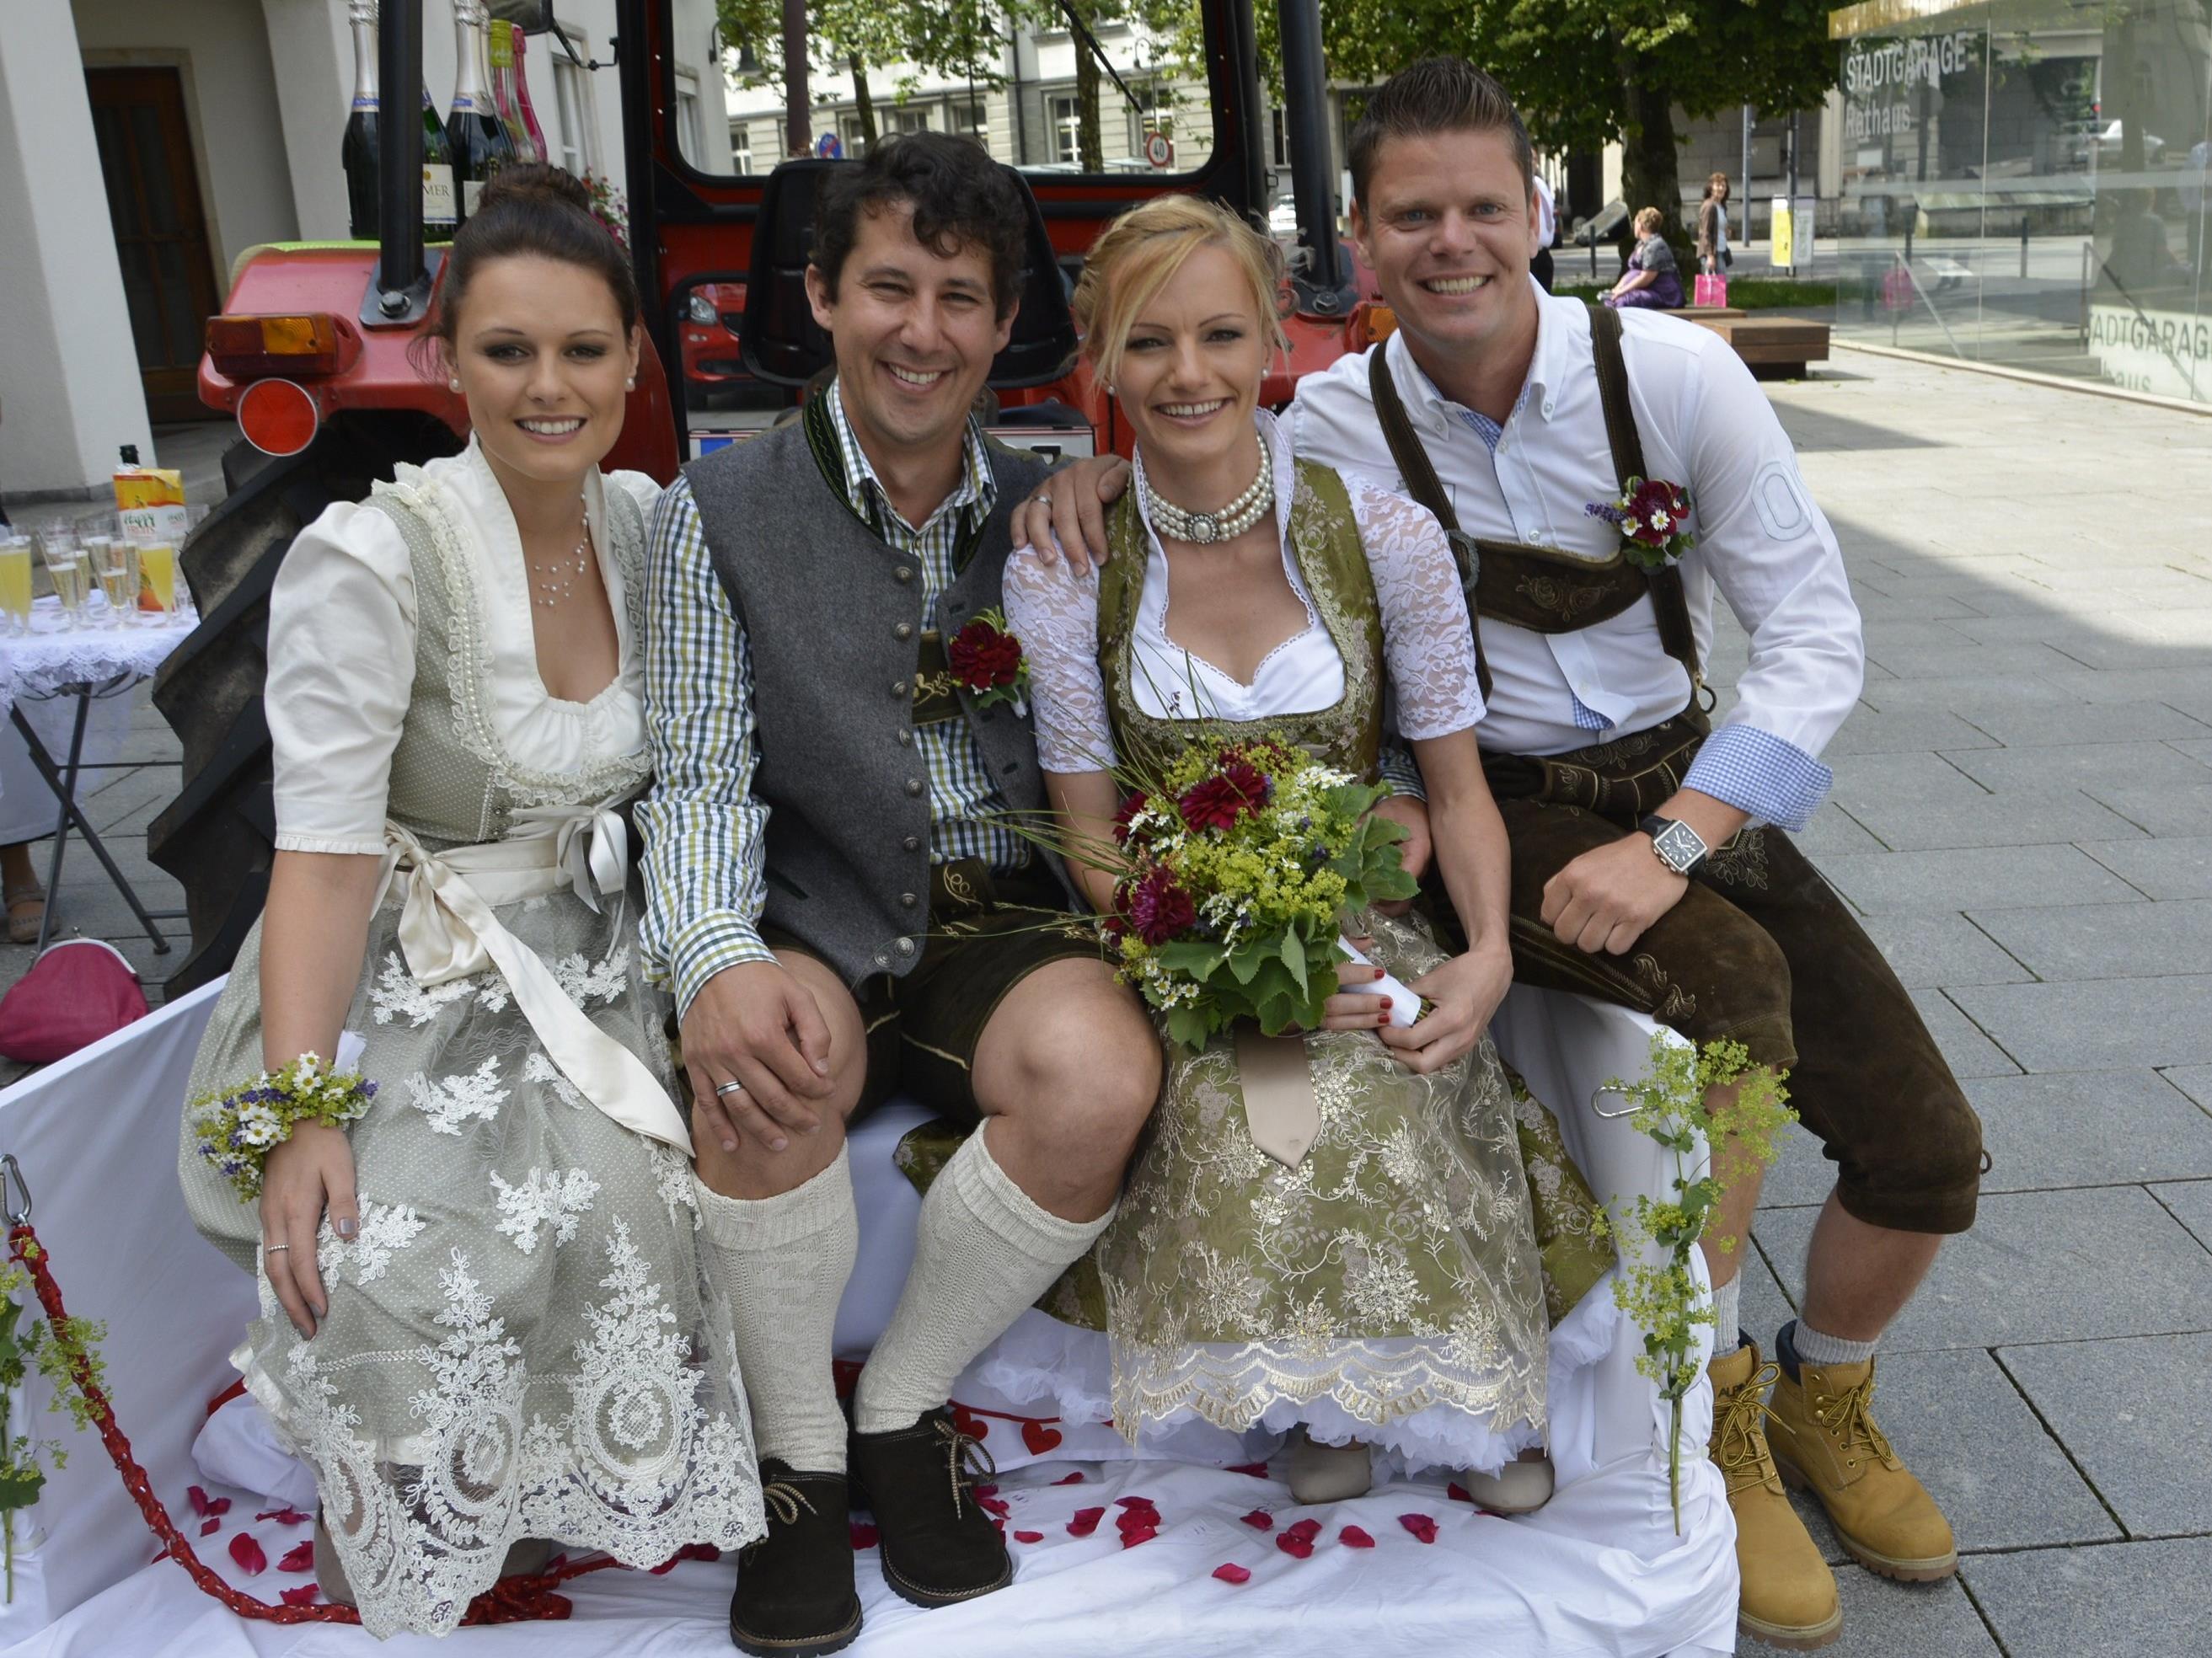 Hochzeit von Michaela Vonbrül und Andreas Landa - Dornbirn   VOL.AT